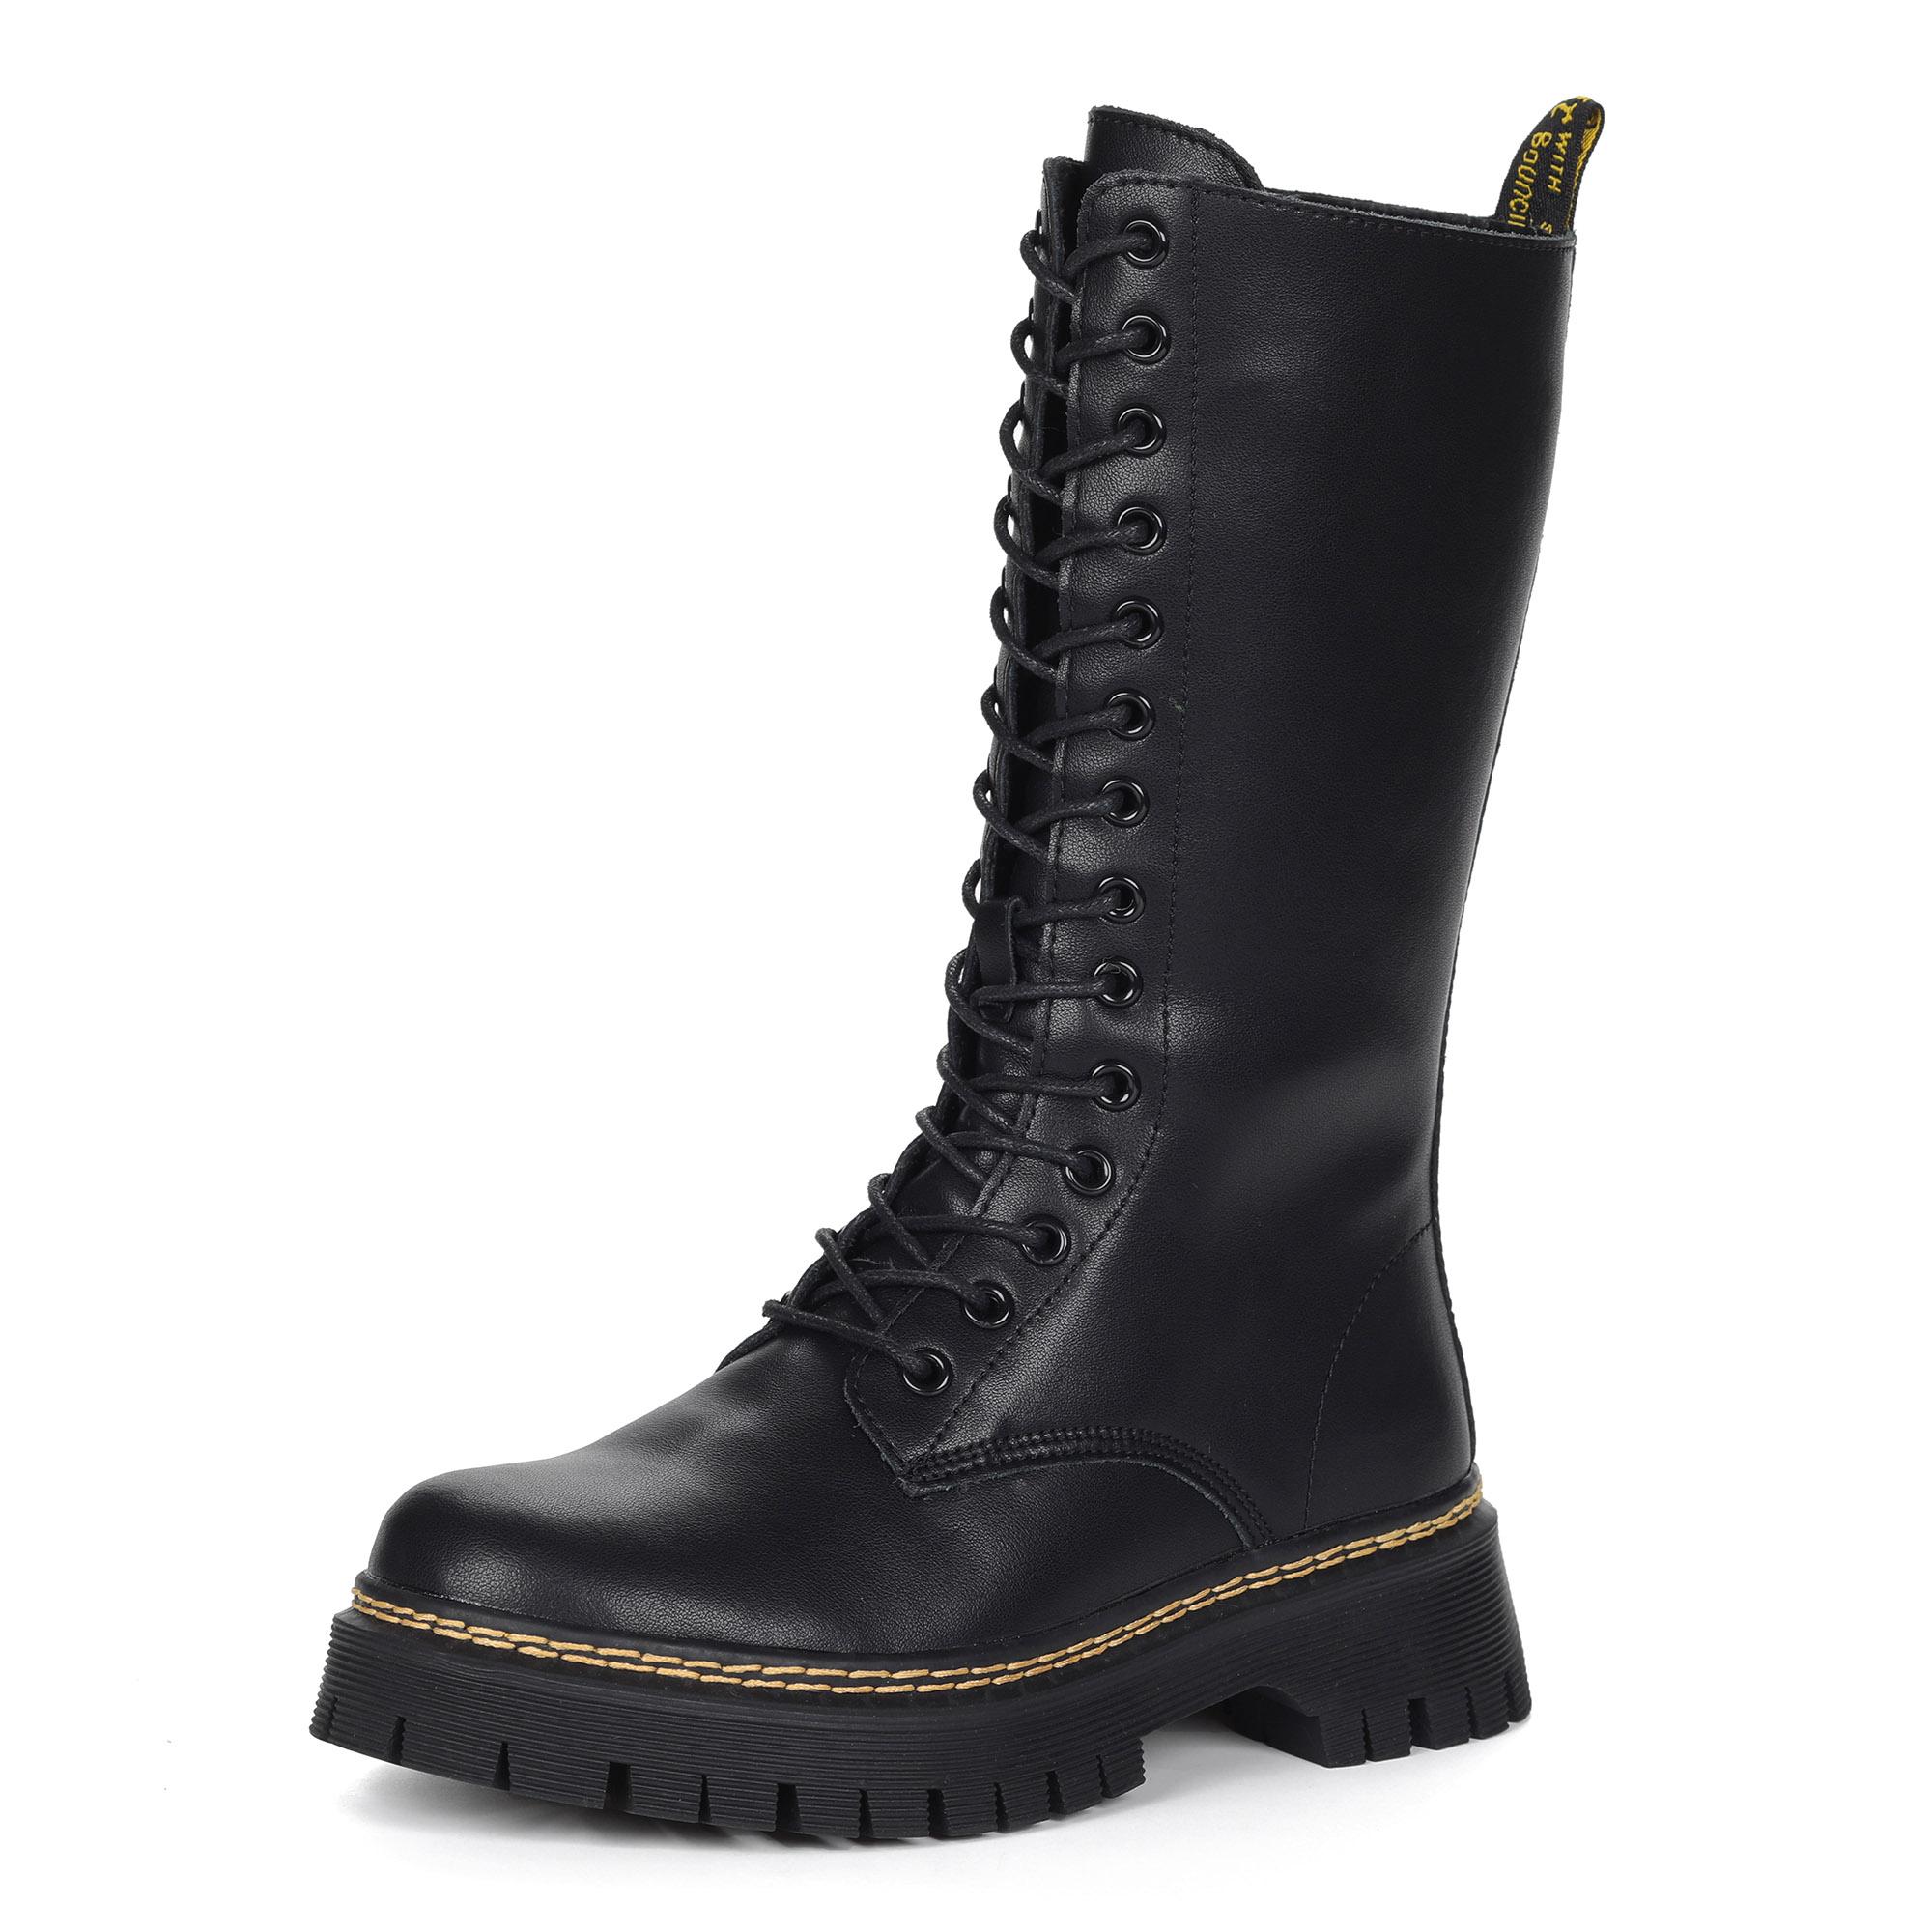 Черные высокие ботинки из кожи на шнурках на подкладке из натуральной шерсти